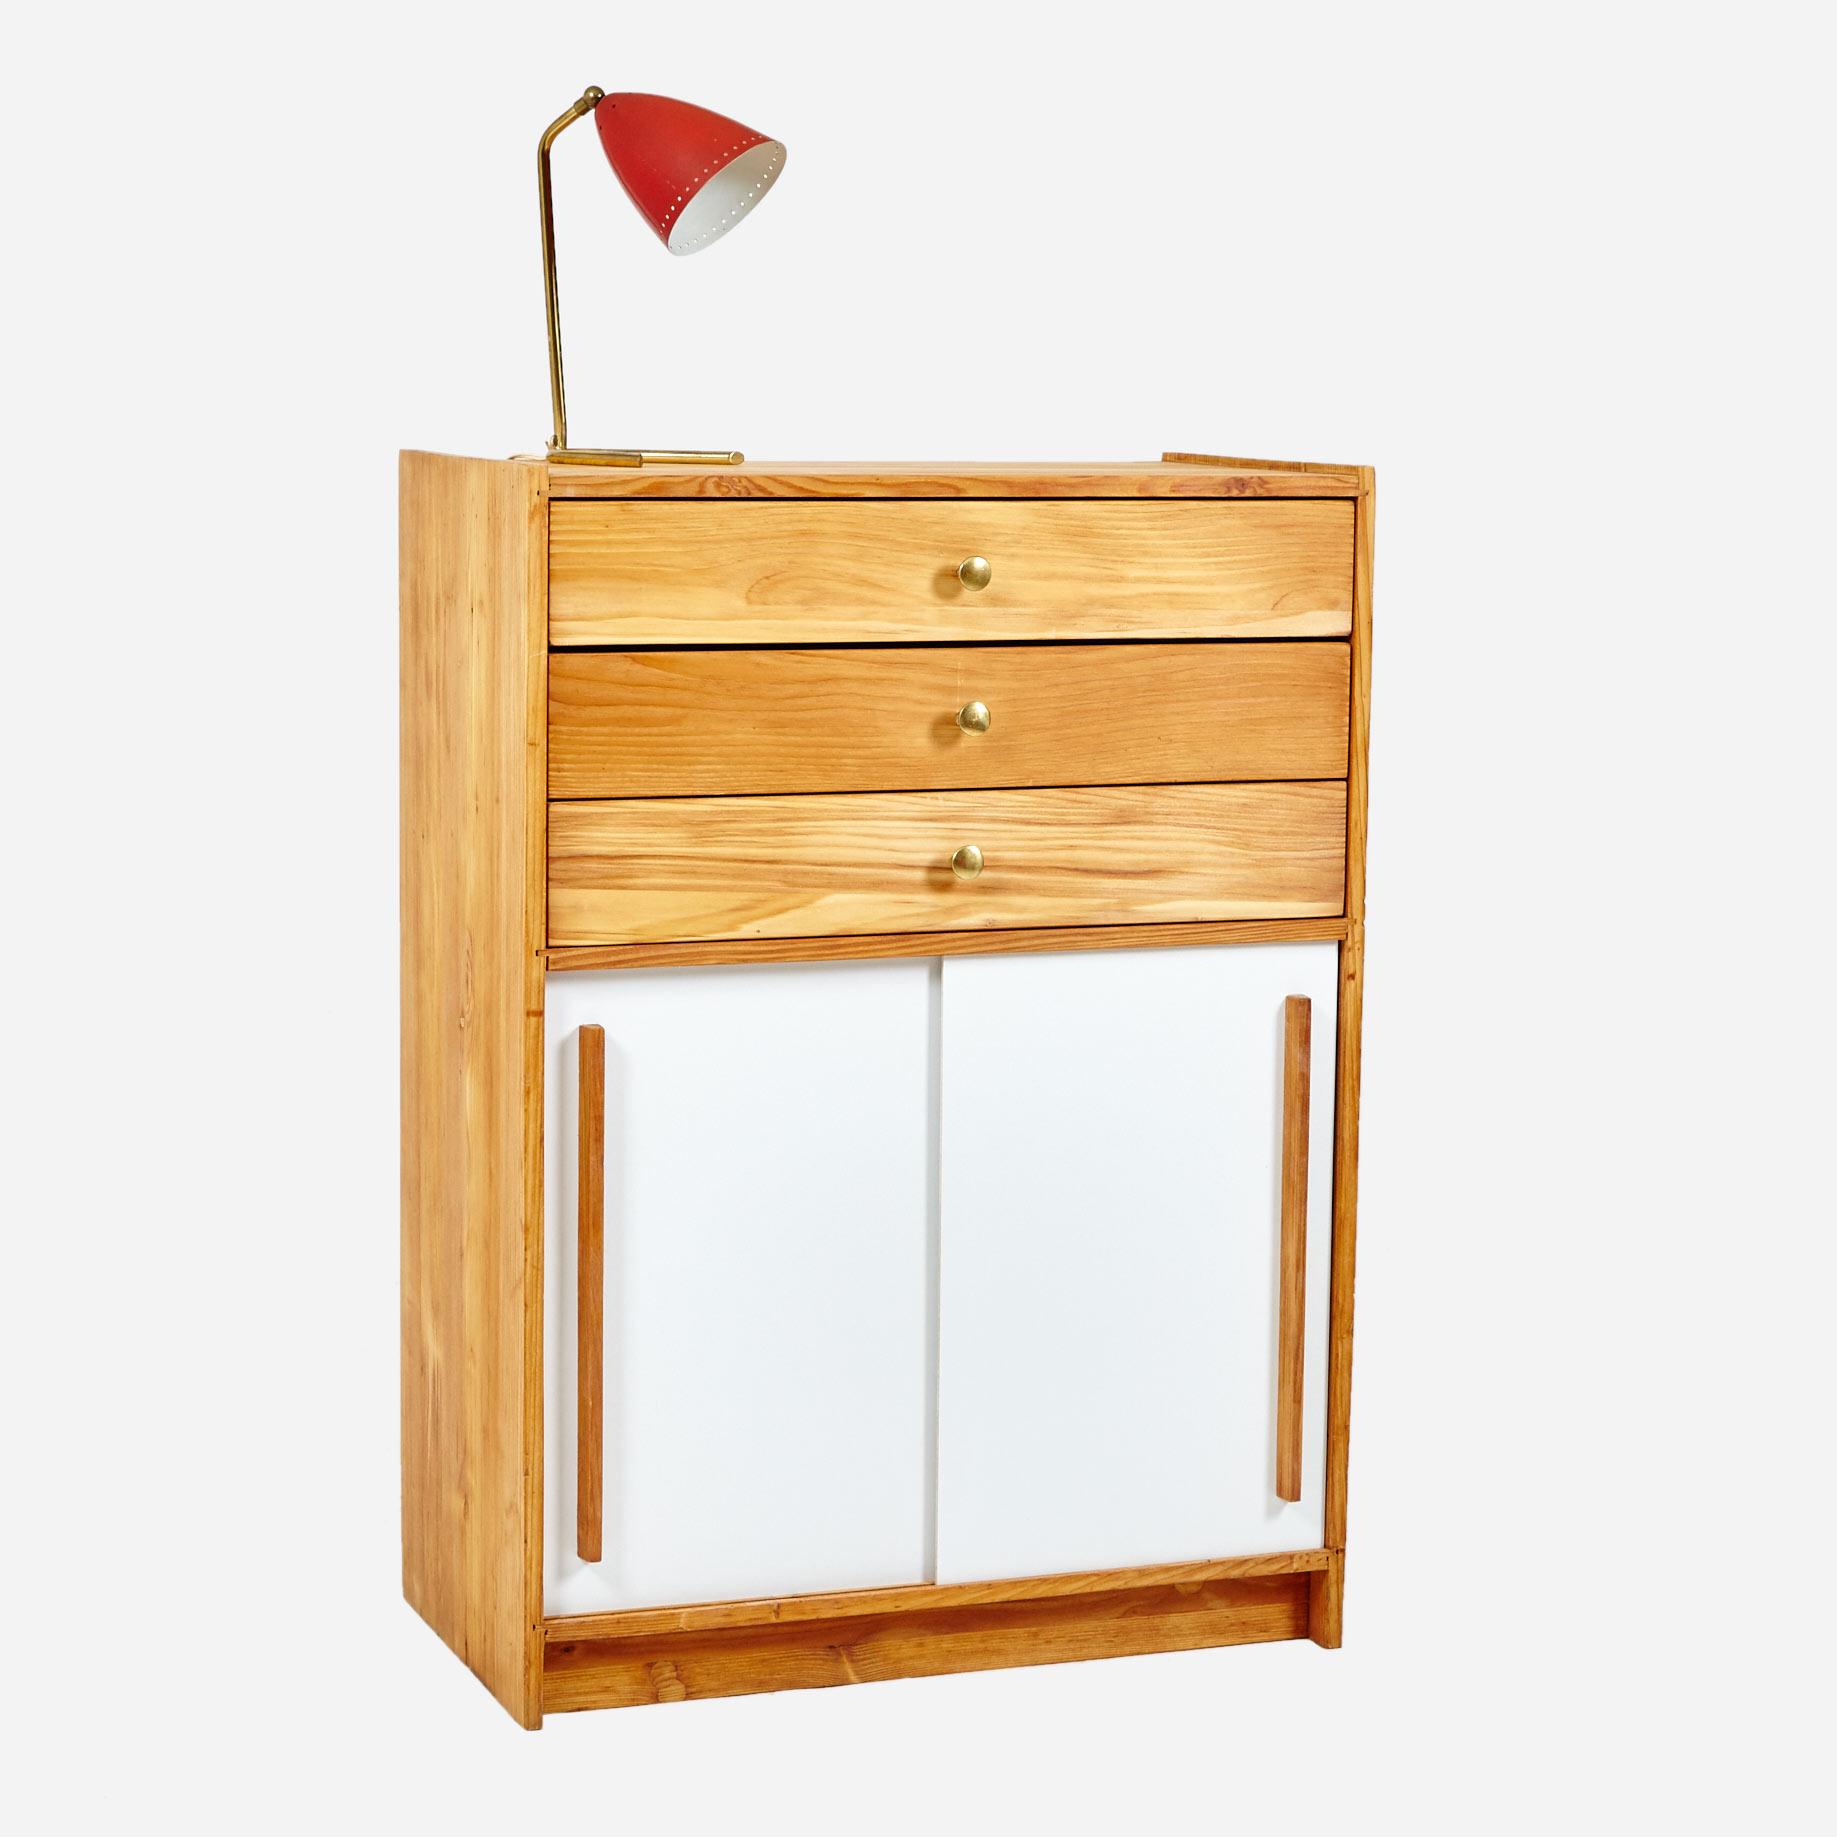 schiebeschrank mit schubladen komplett restauriert m bel z rich vintagem bel. Black Bedroom Furniture Sets. Home Design Ideas